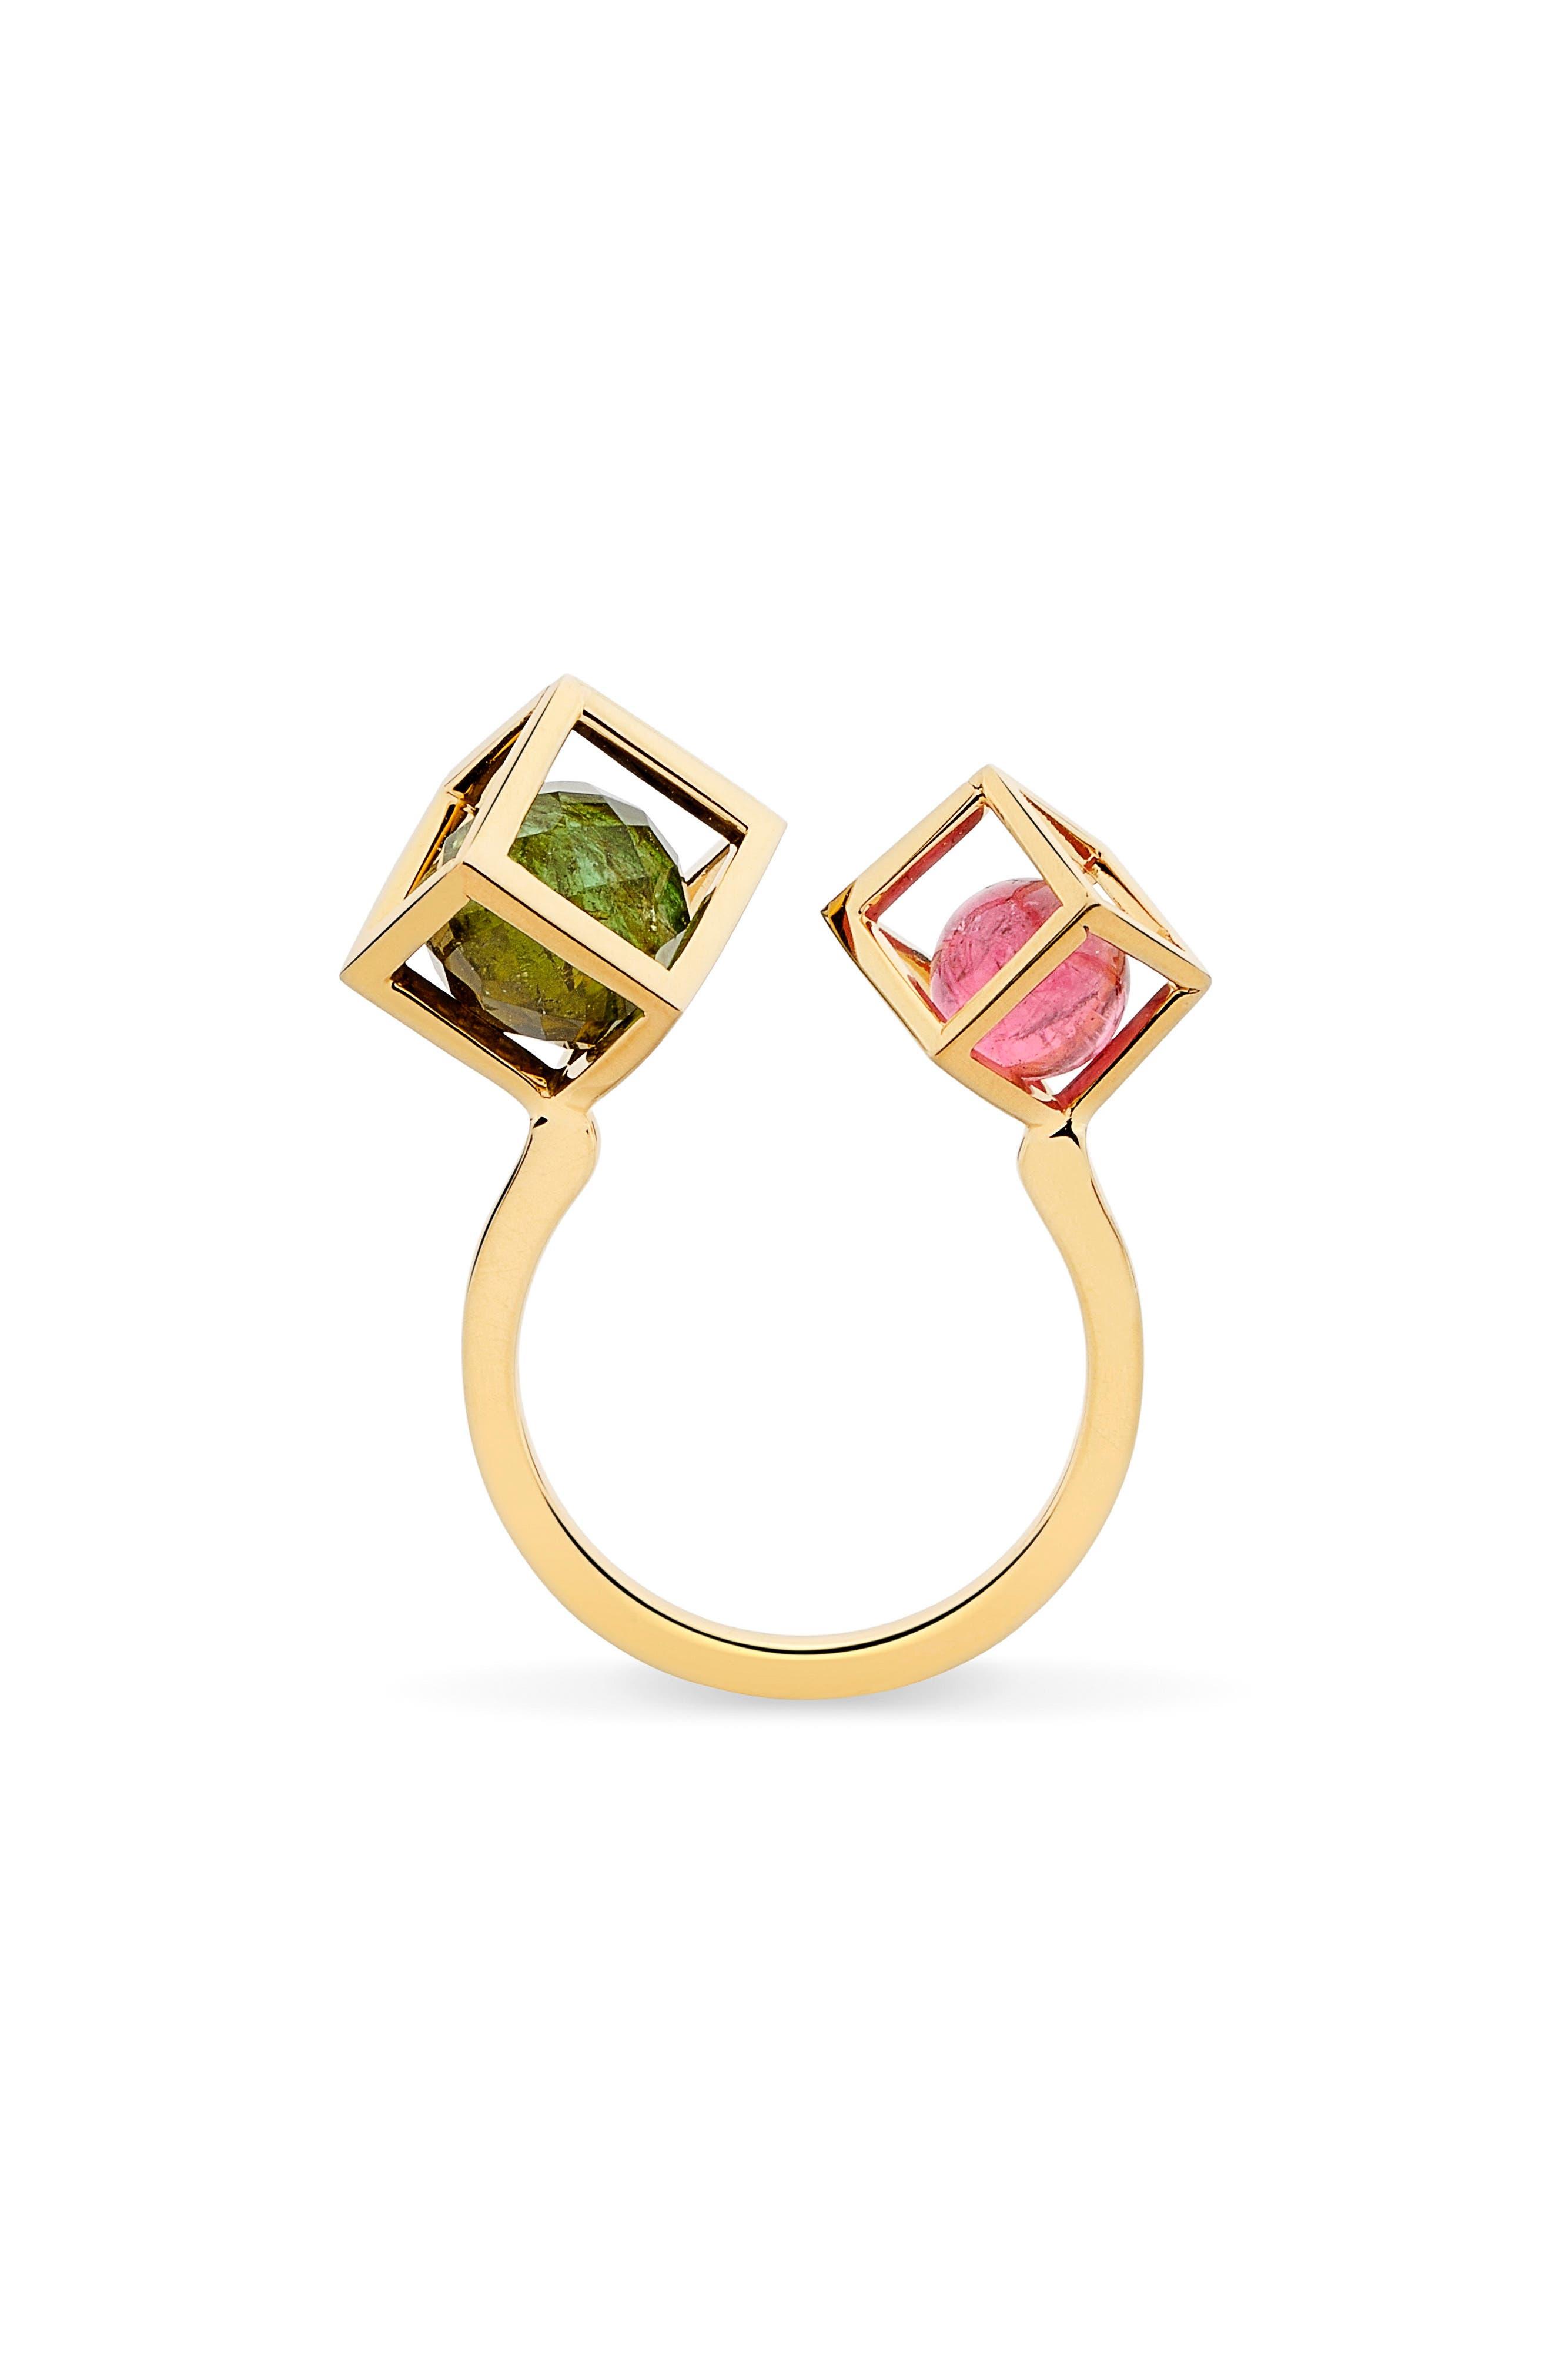 Duo Solo Tourmaline Open Ring,                         Main,                         color, Green/ Pink Tourmaline